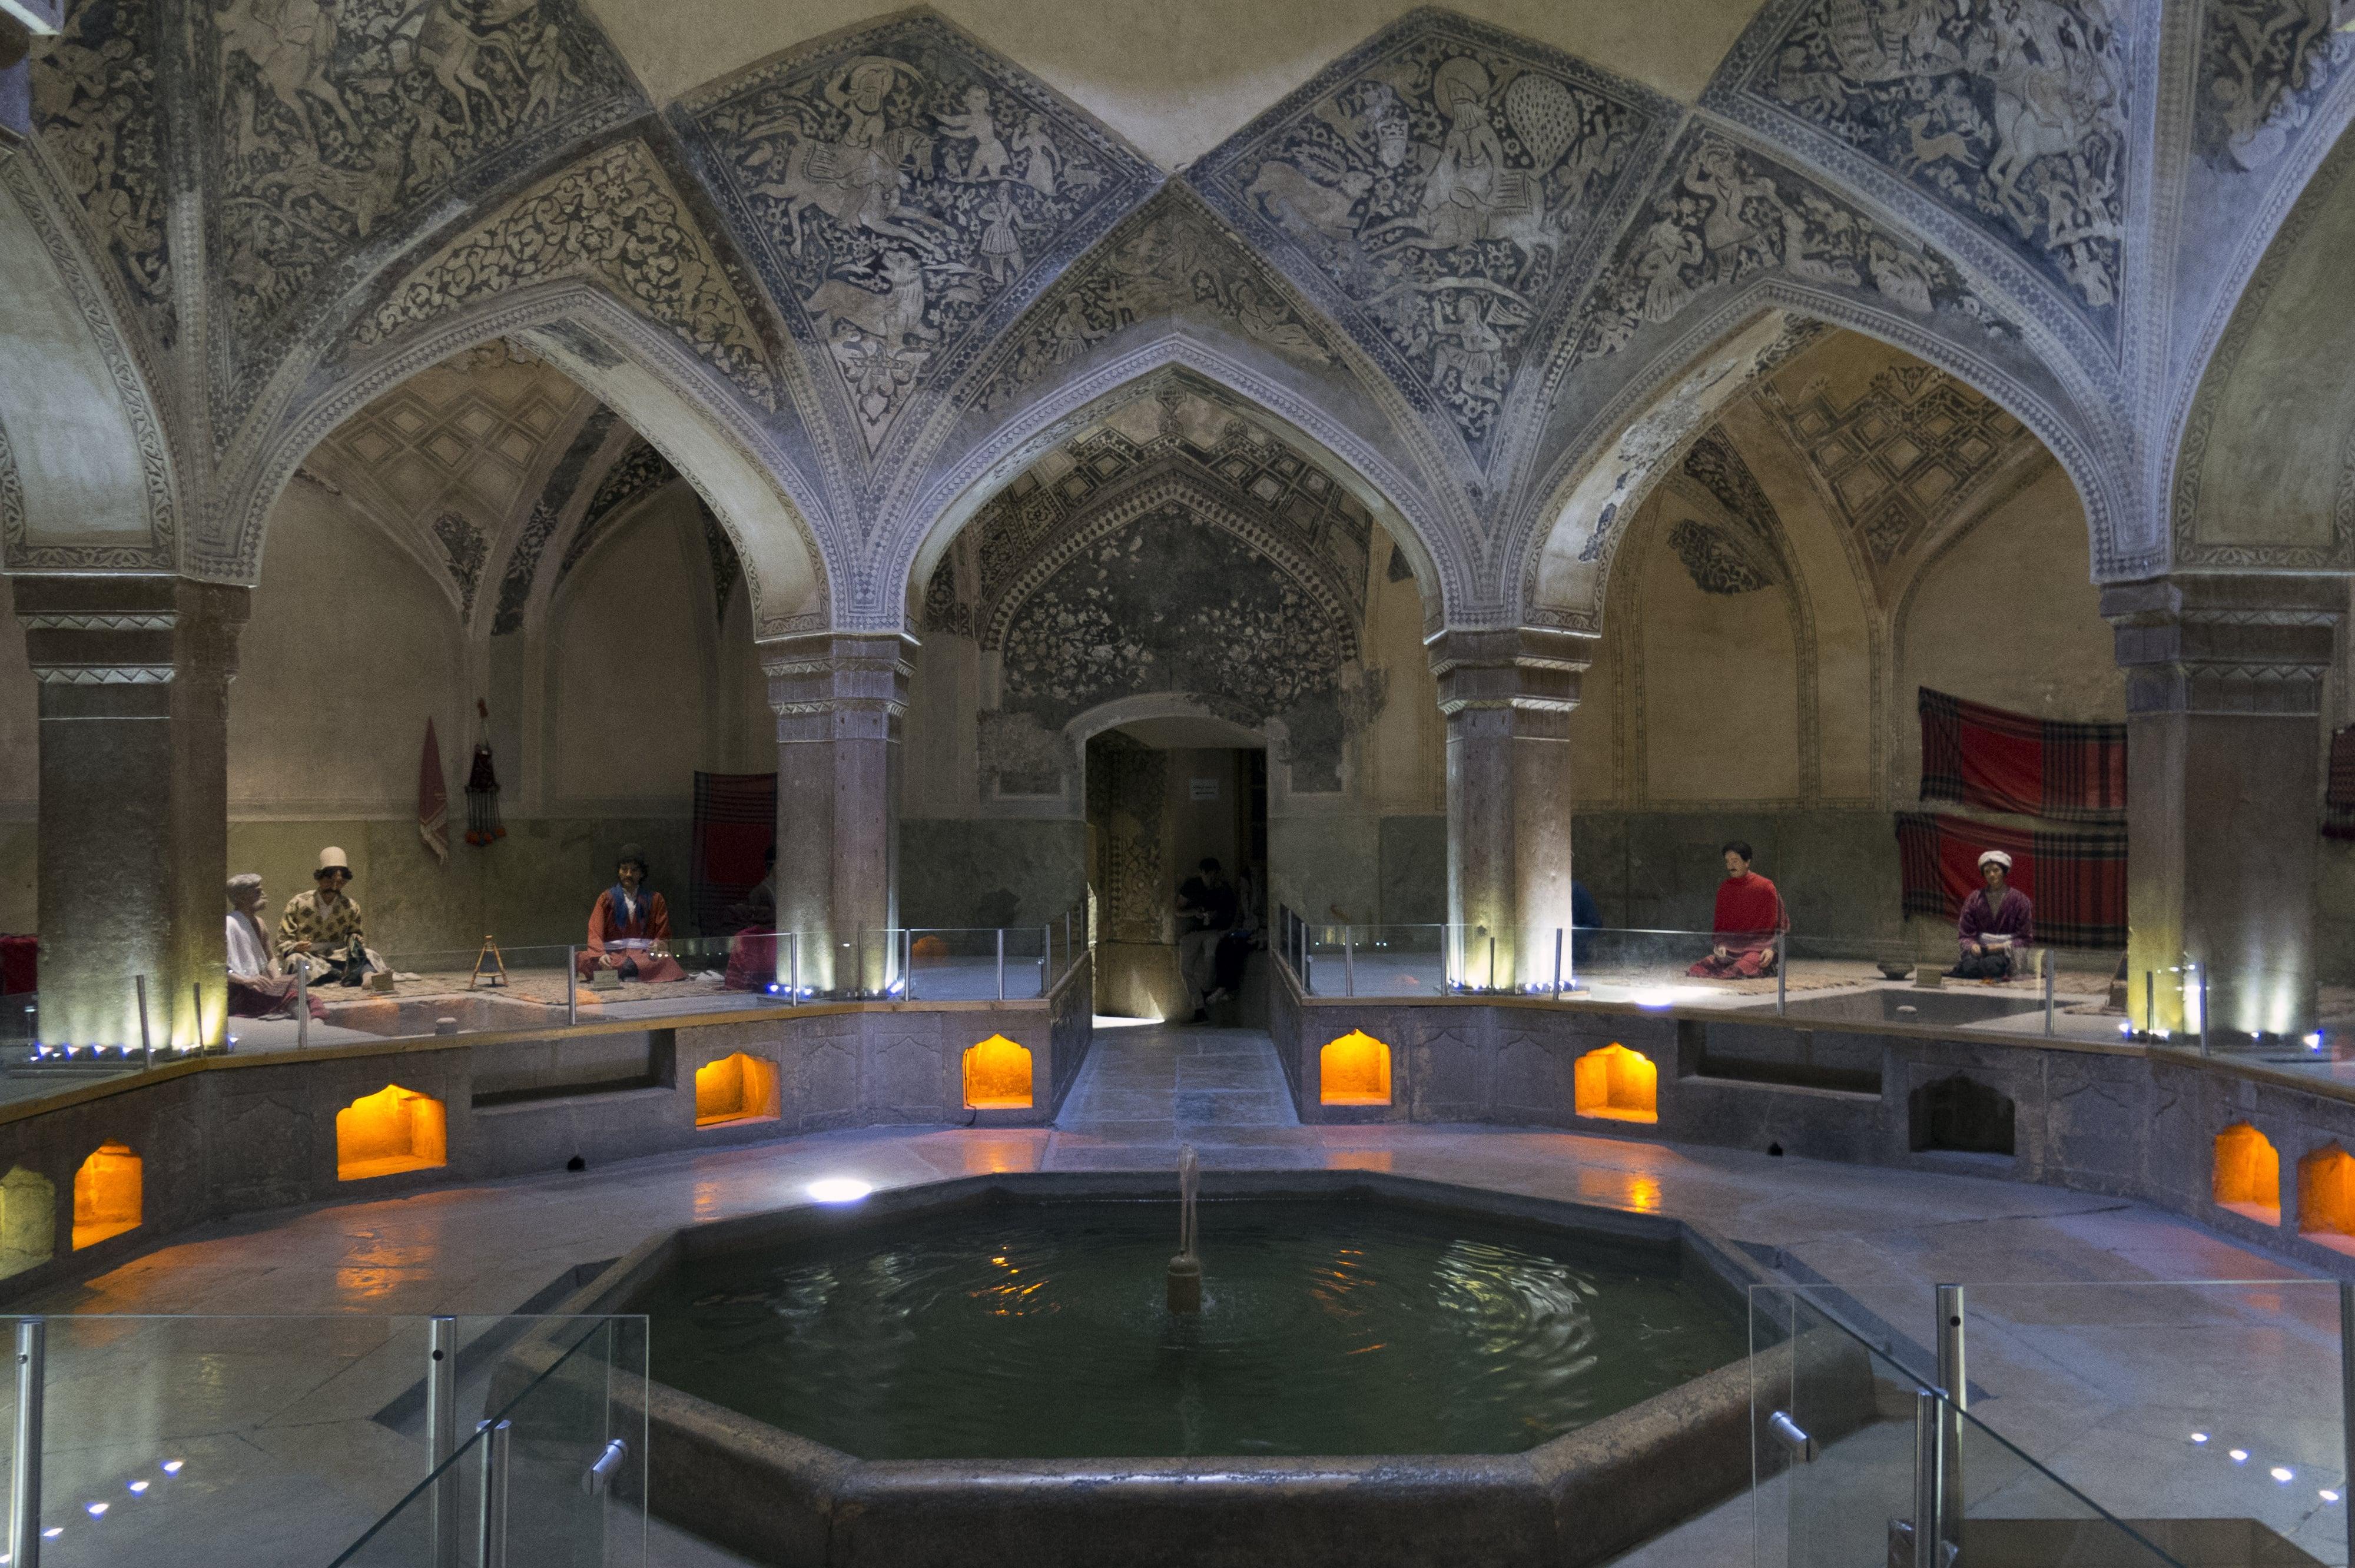 Vakil Bathhouse